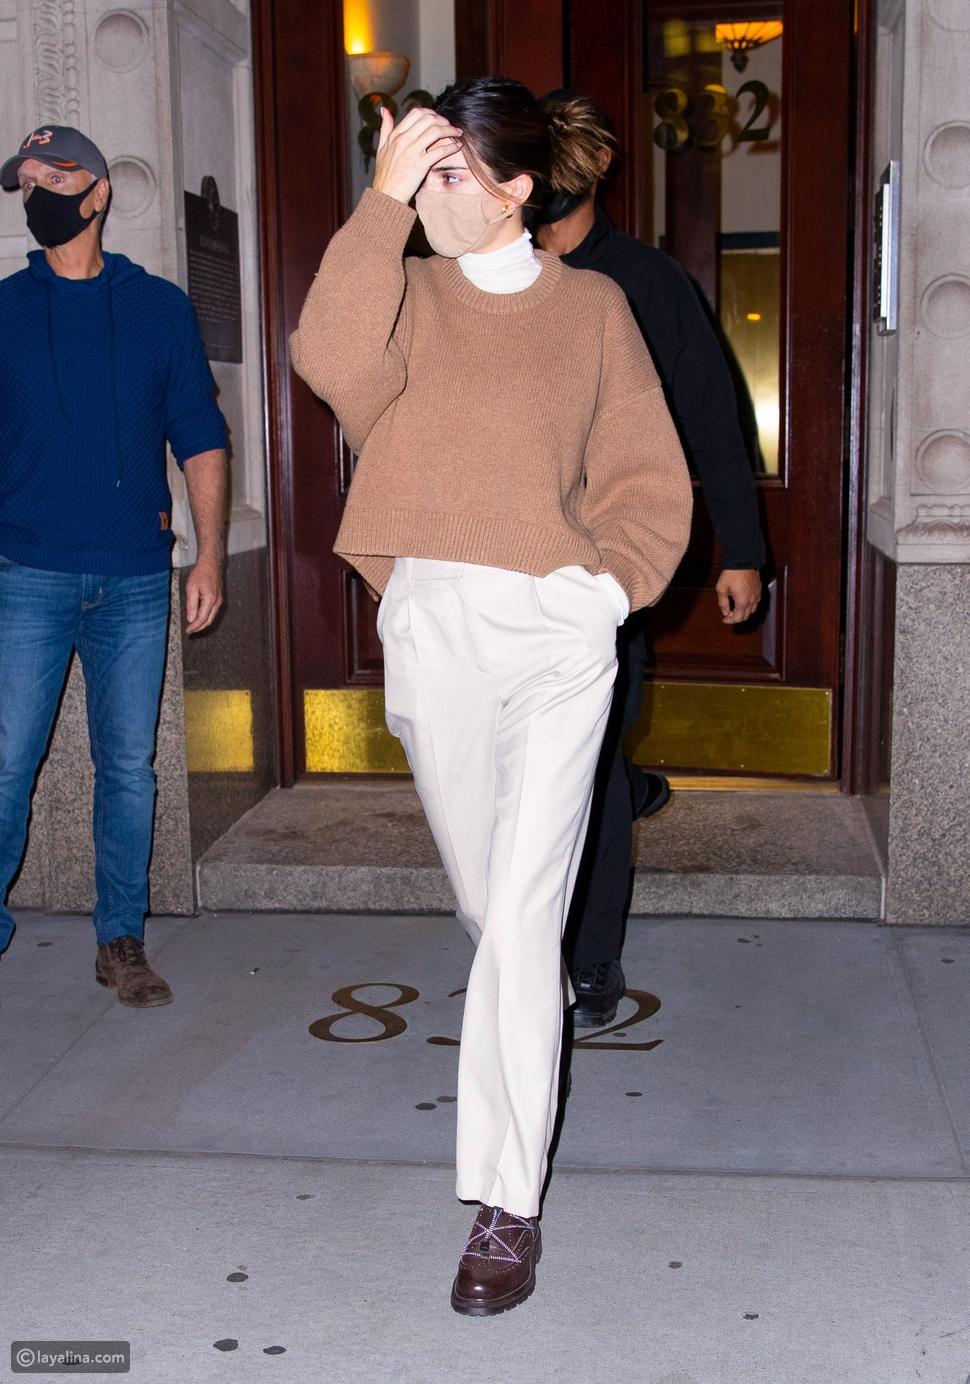 كل شيء باللون البيج مثل إطلالة عرضة الأزياءكيندال جينر